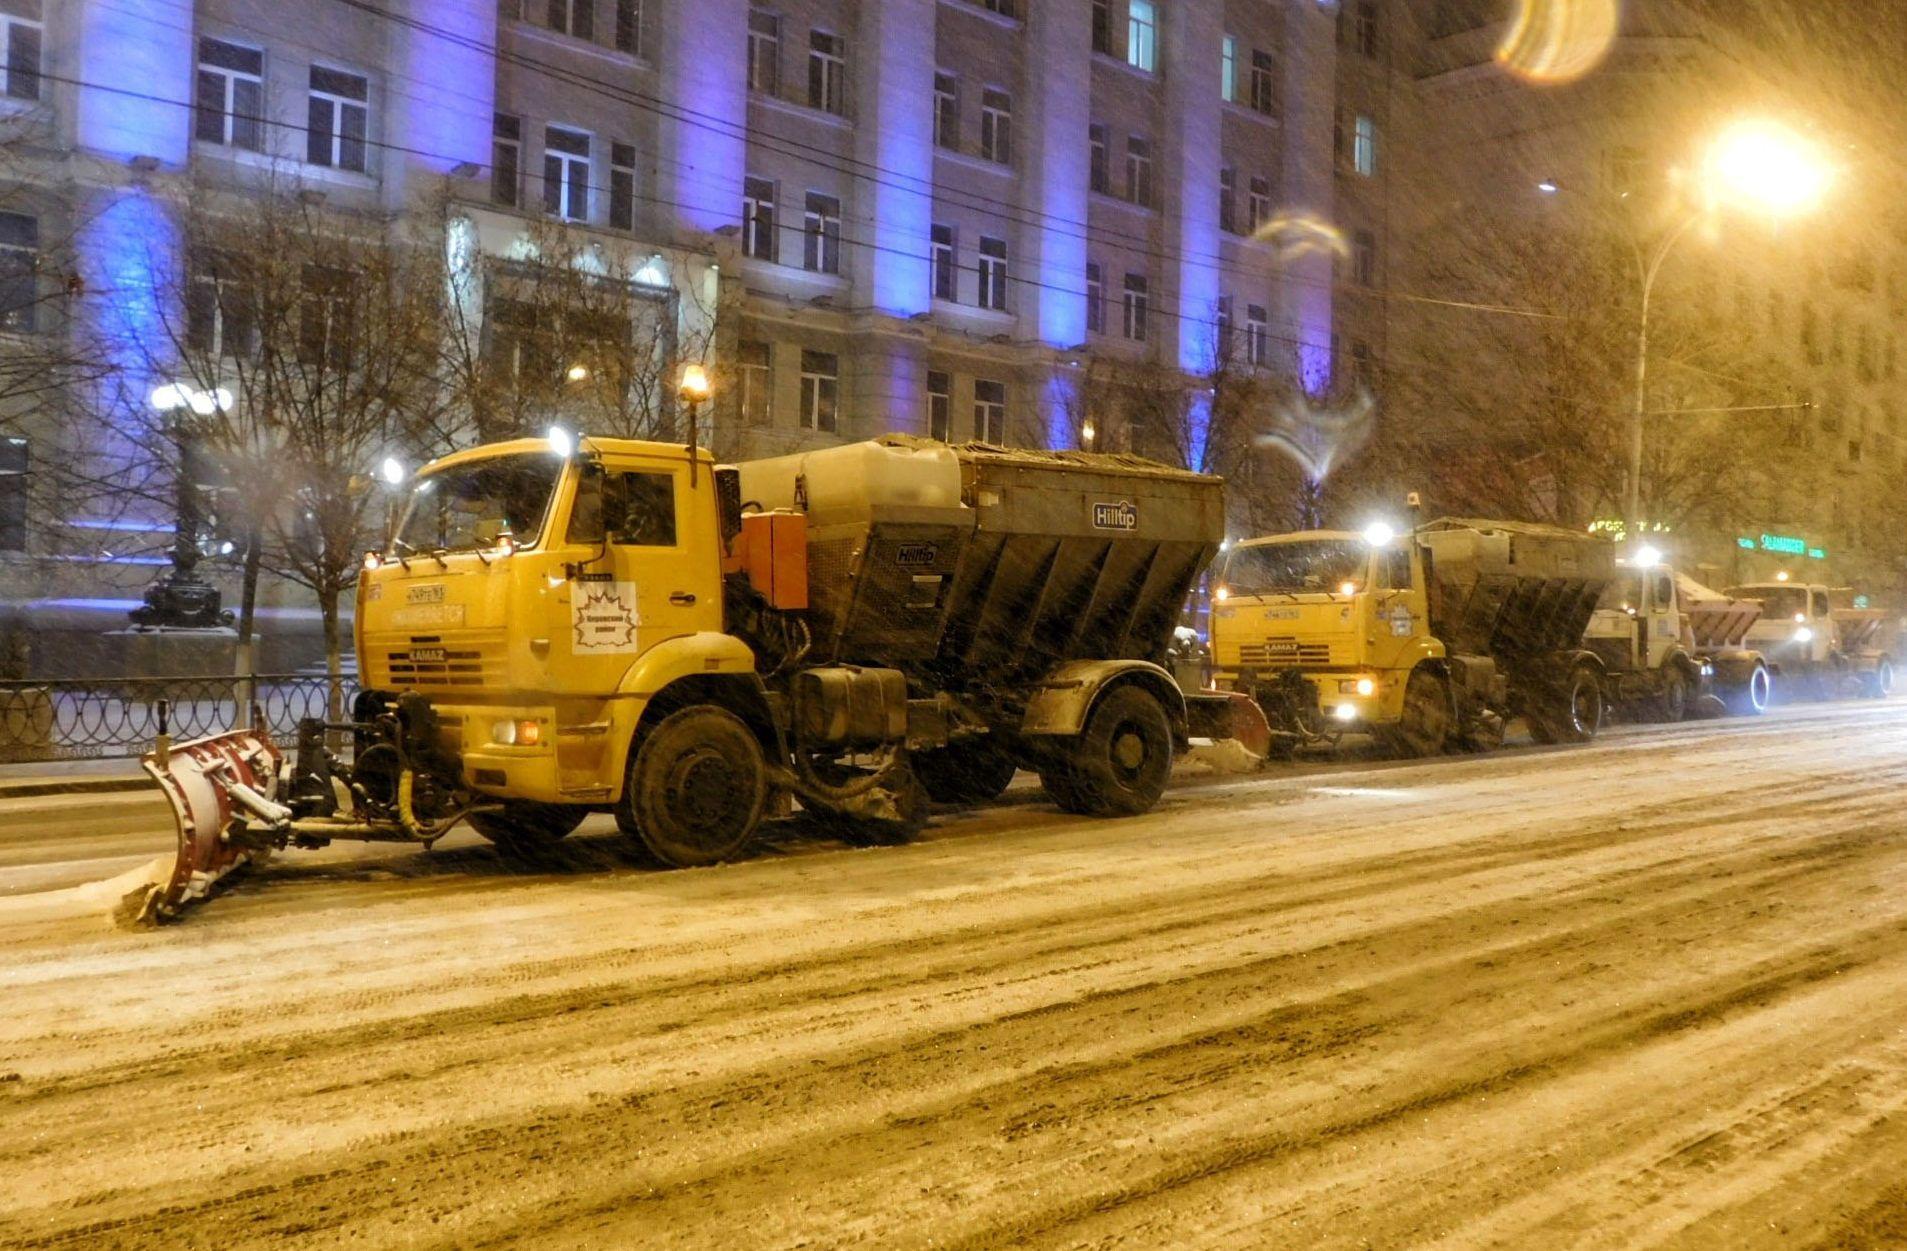 ВРостове-на-Дону из-за ухудшения погоды ввели режим повышенной готовности Ростов-на-Дону